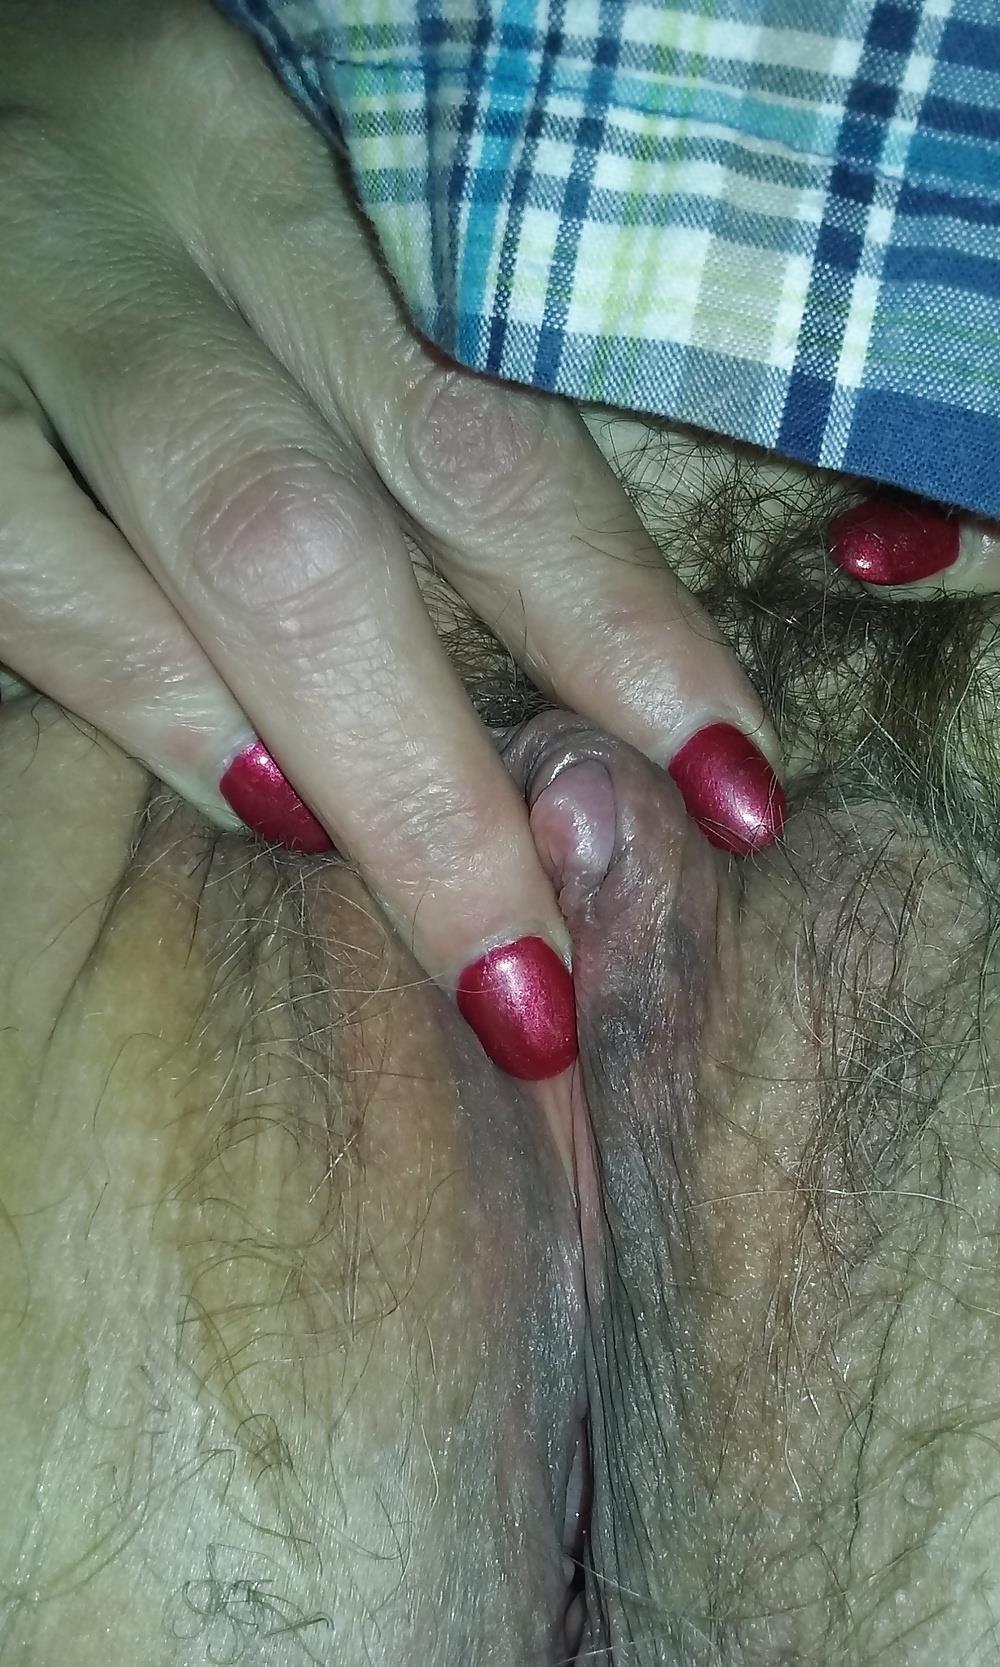 Juicy clit porn-9748